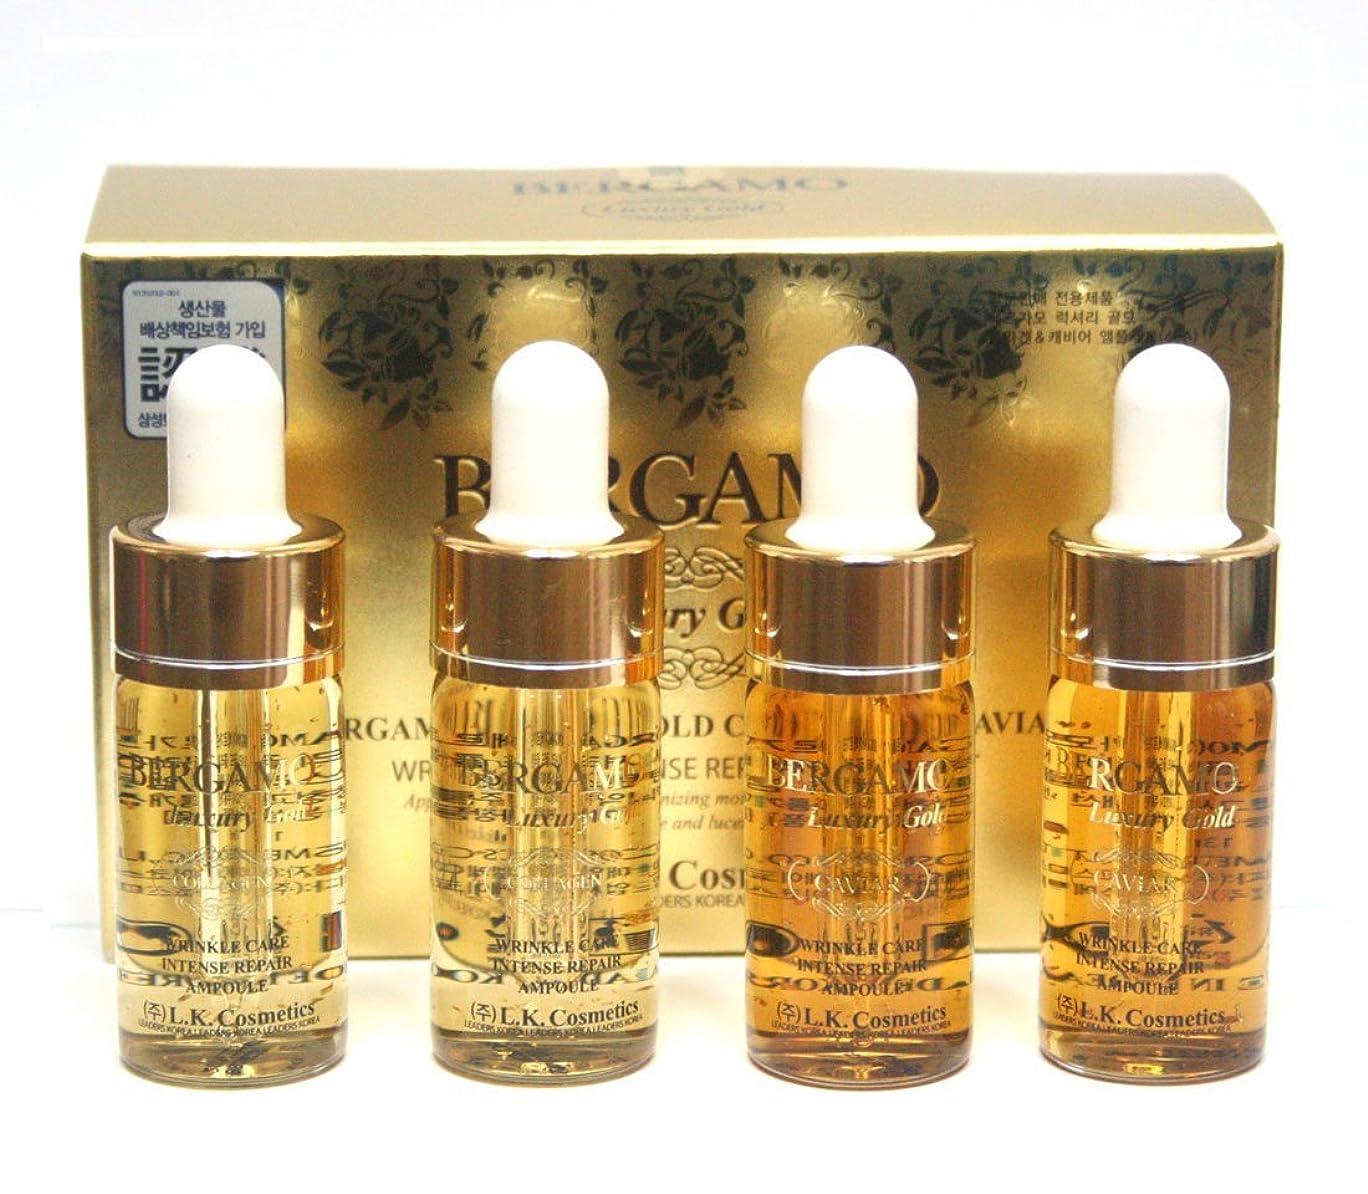 しおれたサンダース小麦粉[ベルガモ] Bergamo/ラグジュアリーゴールドコラーゲン&キャビアリンクルケアアンプルセット13ml * 4ea/Luxury Gold Collagen & Caviar Wrinkle Care Repair Ampoule Set 13ml * 4ea/韓国化粧品/Korean Cosmetics [並行輸入品]